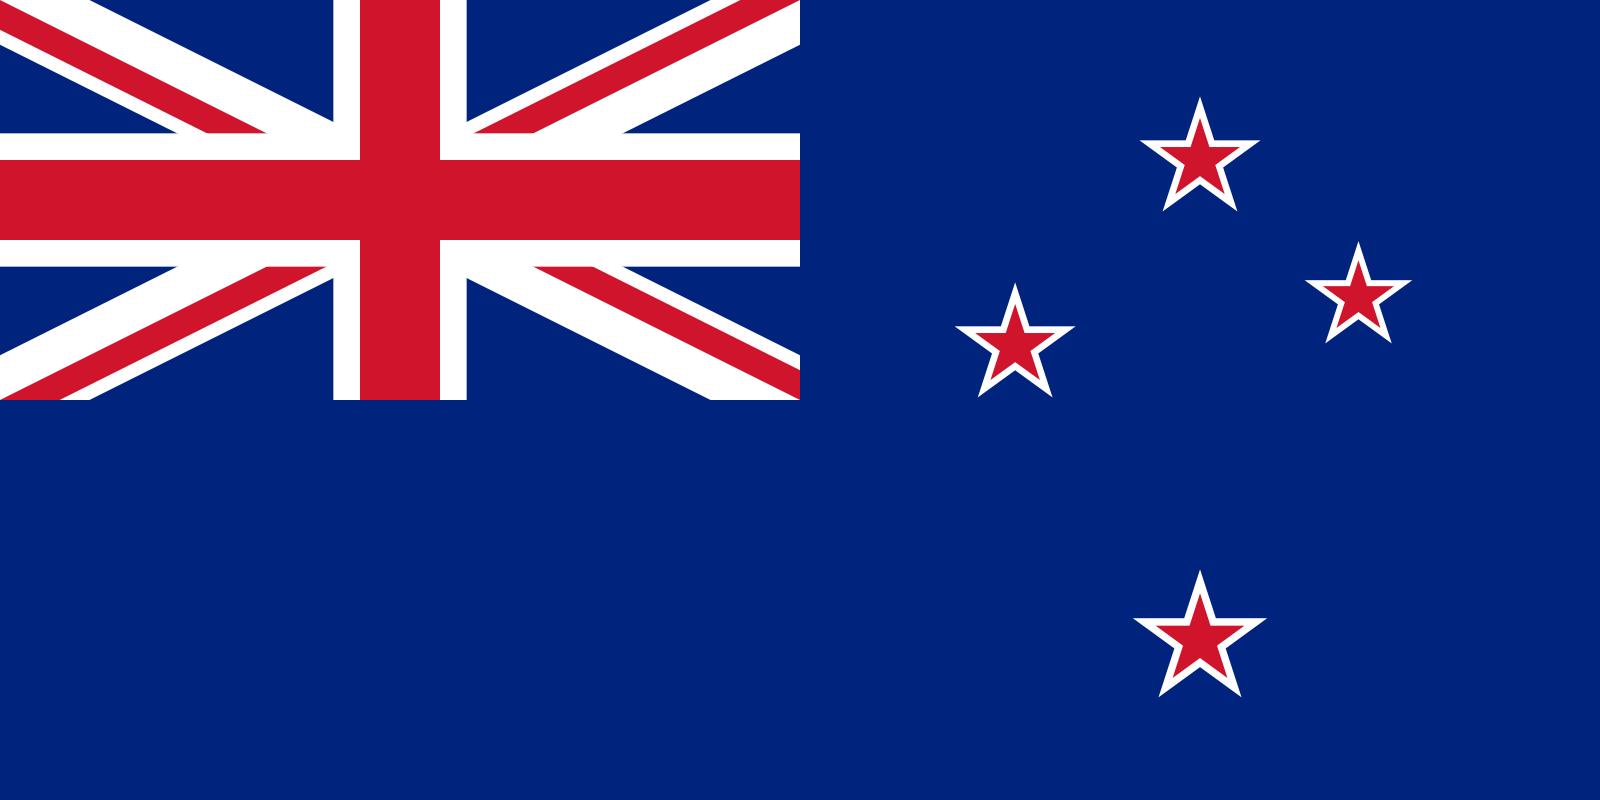 imagenes de banderas hd169 200 Imágenes de Banderas en HD (Wallpapers)